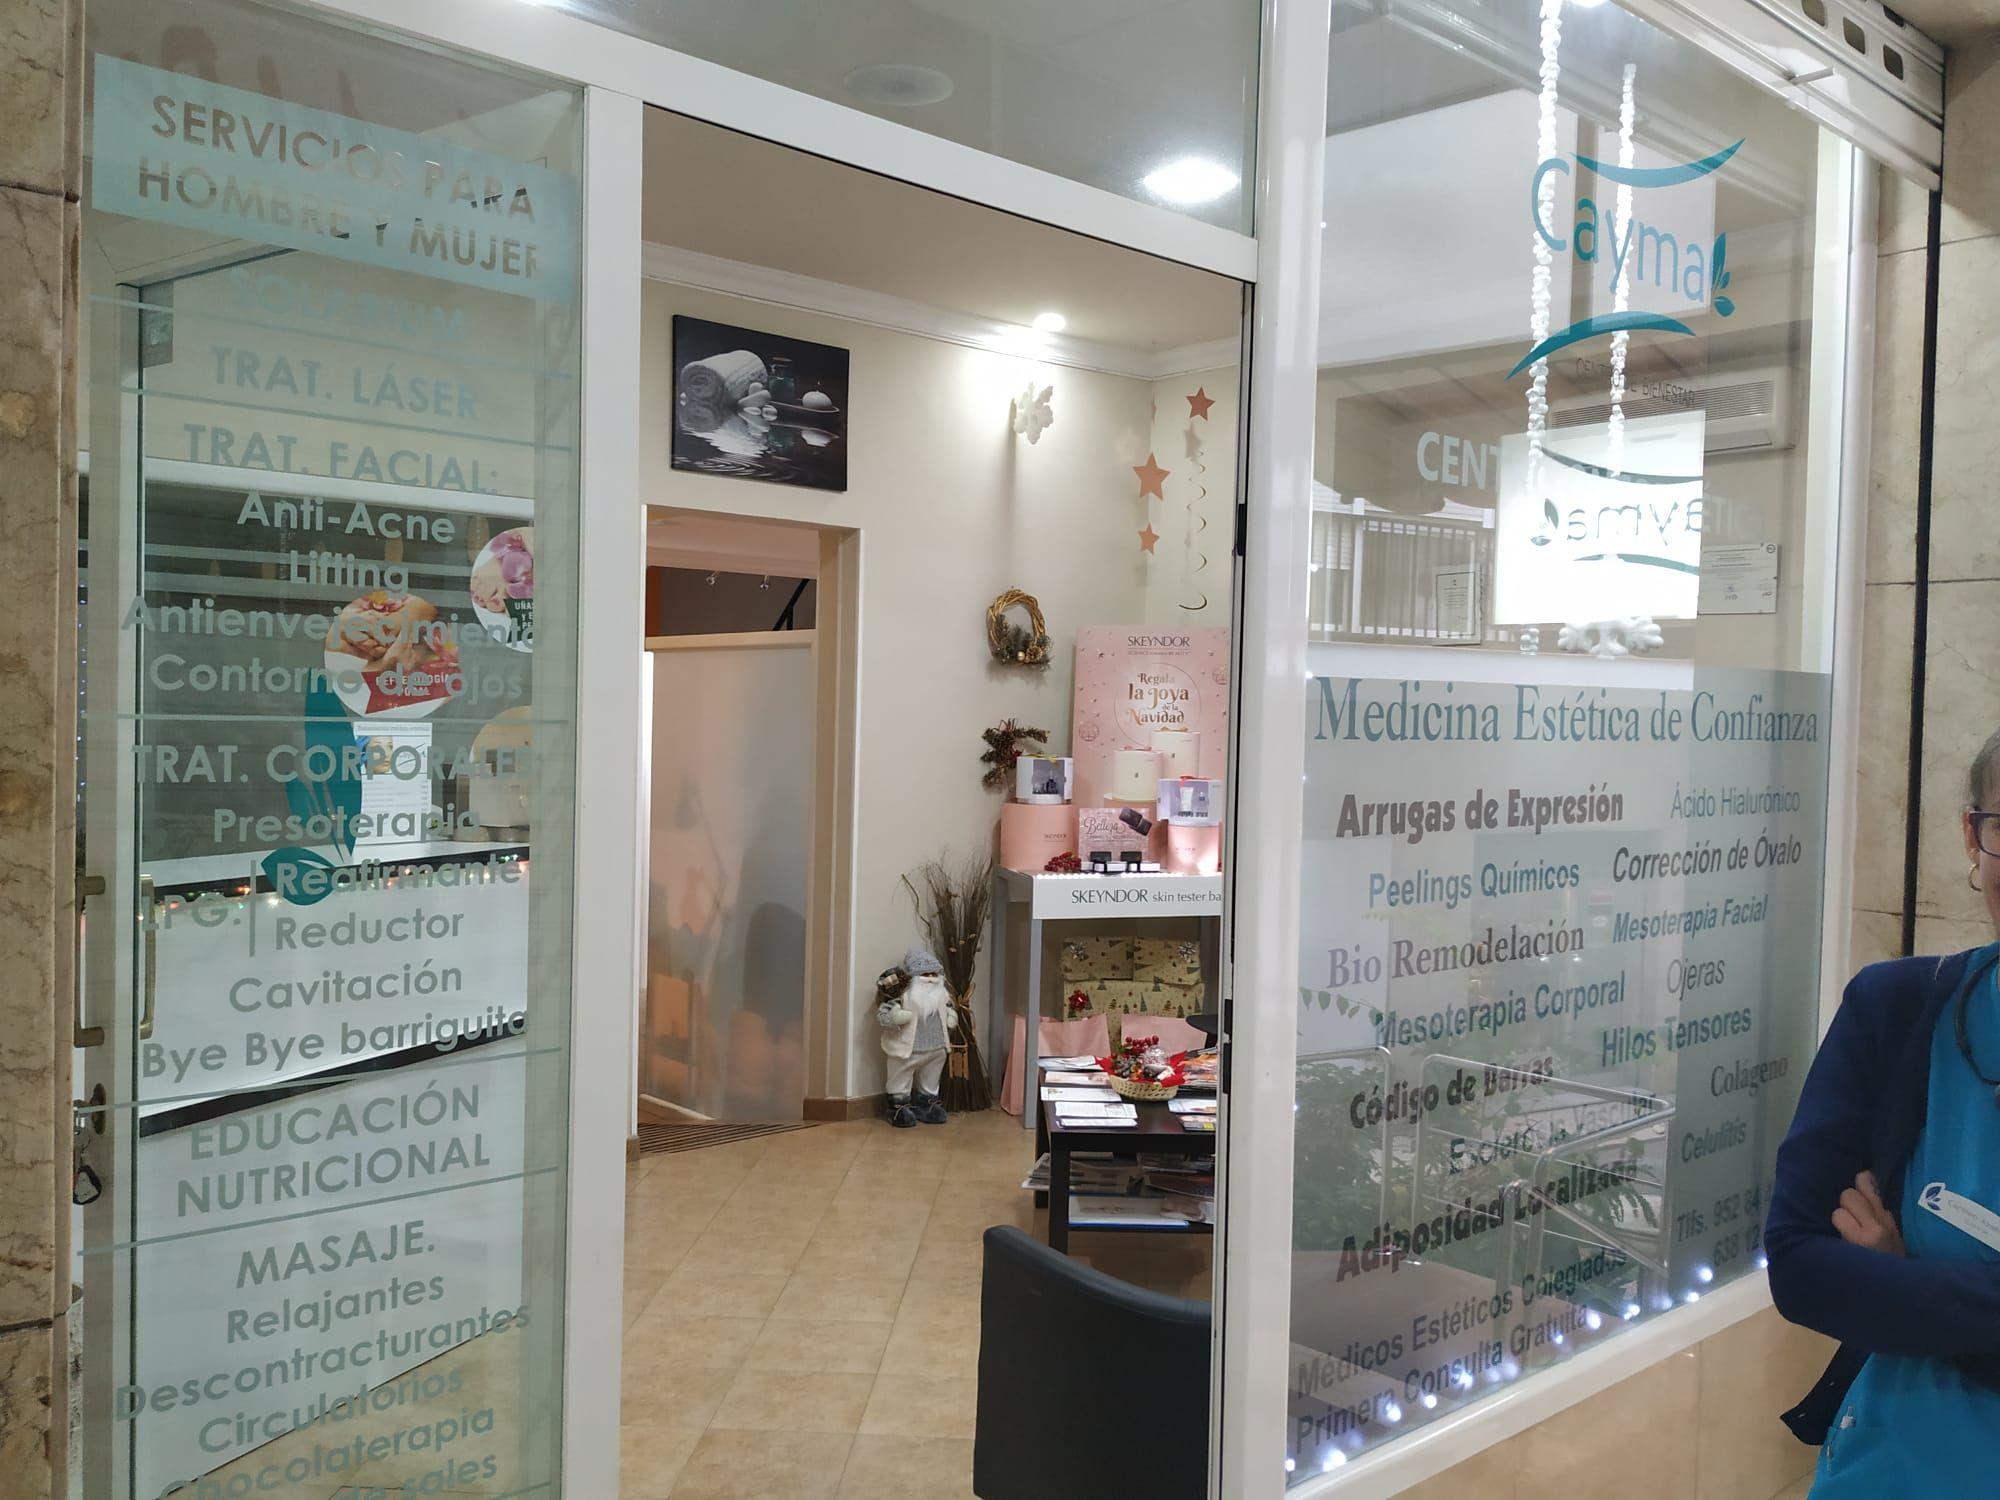 Foto 10 de Centro de bienestar y salud en Antequera | Centro Bienestar y Salud Cayma